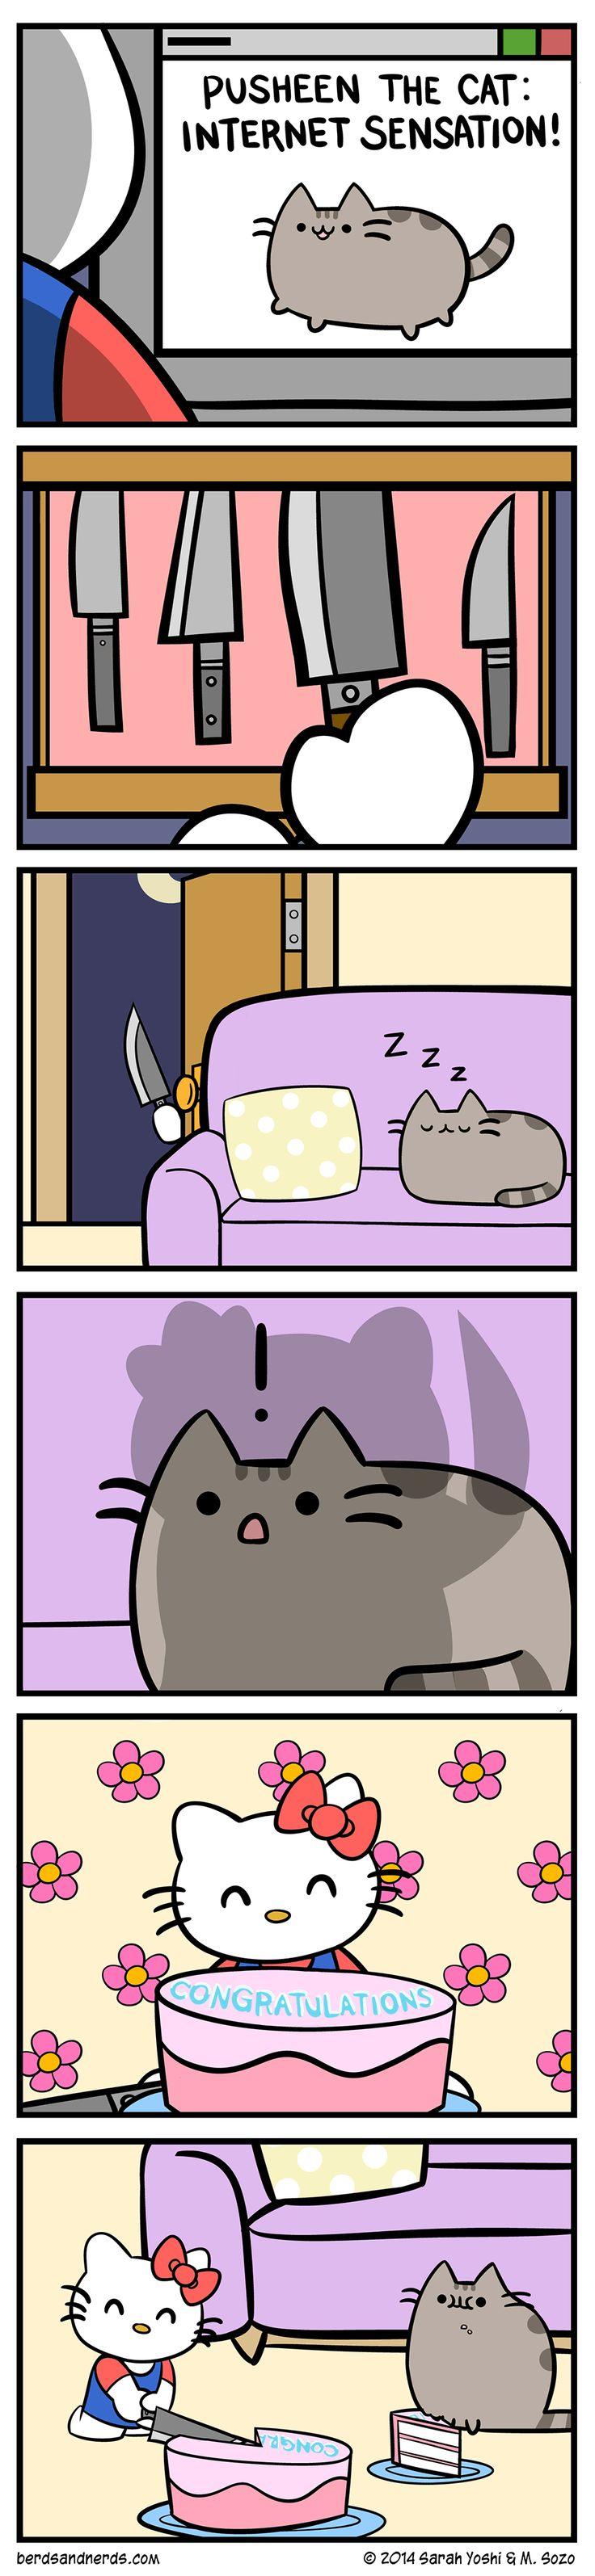 Kawaii cat fight?!?